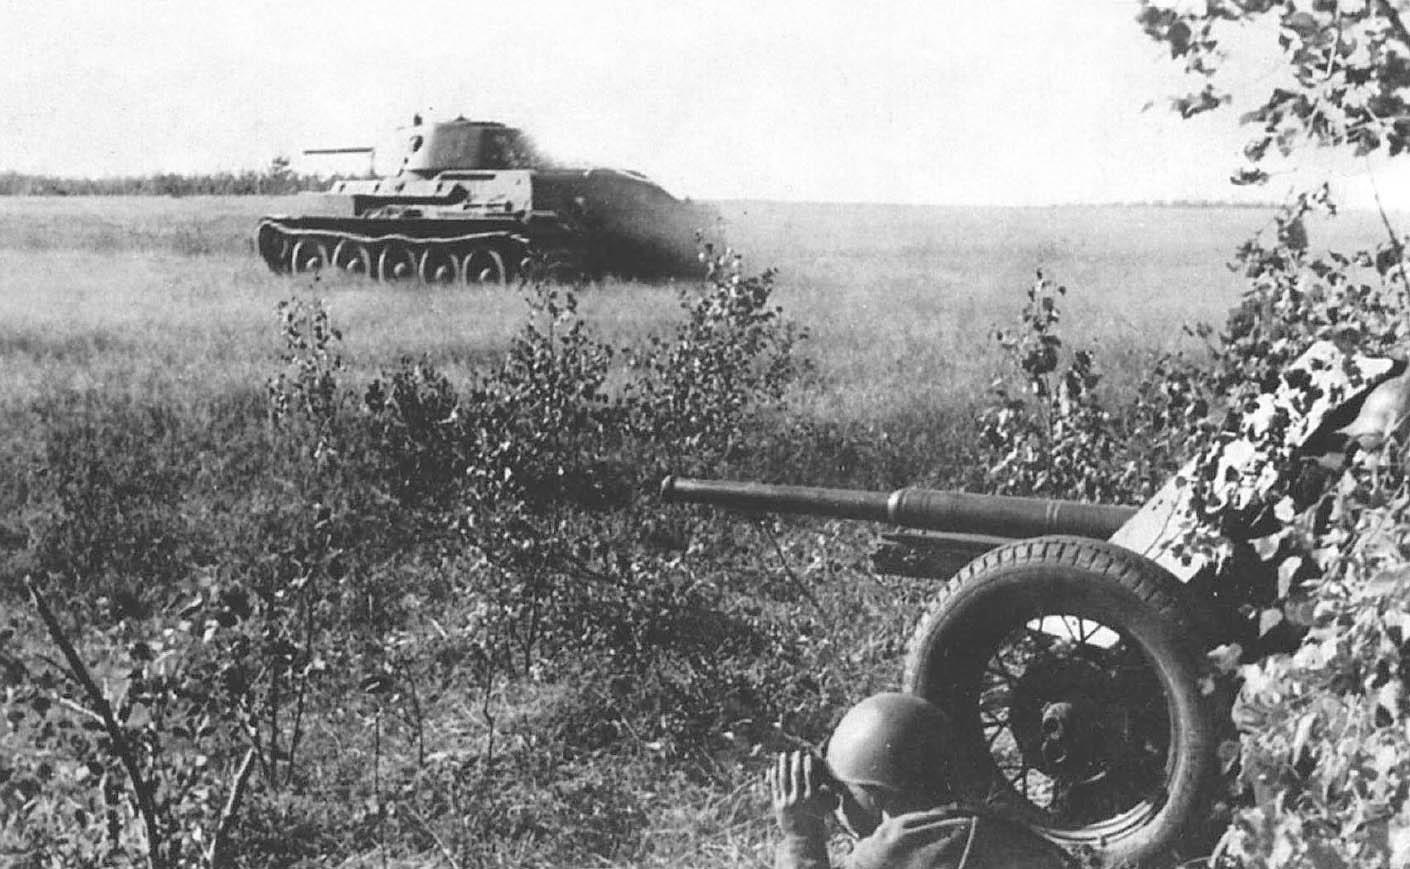 45-мм противотанковое орудие в бою